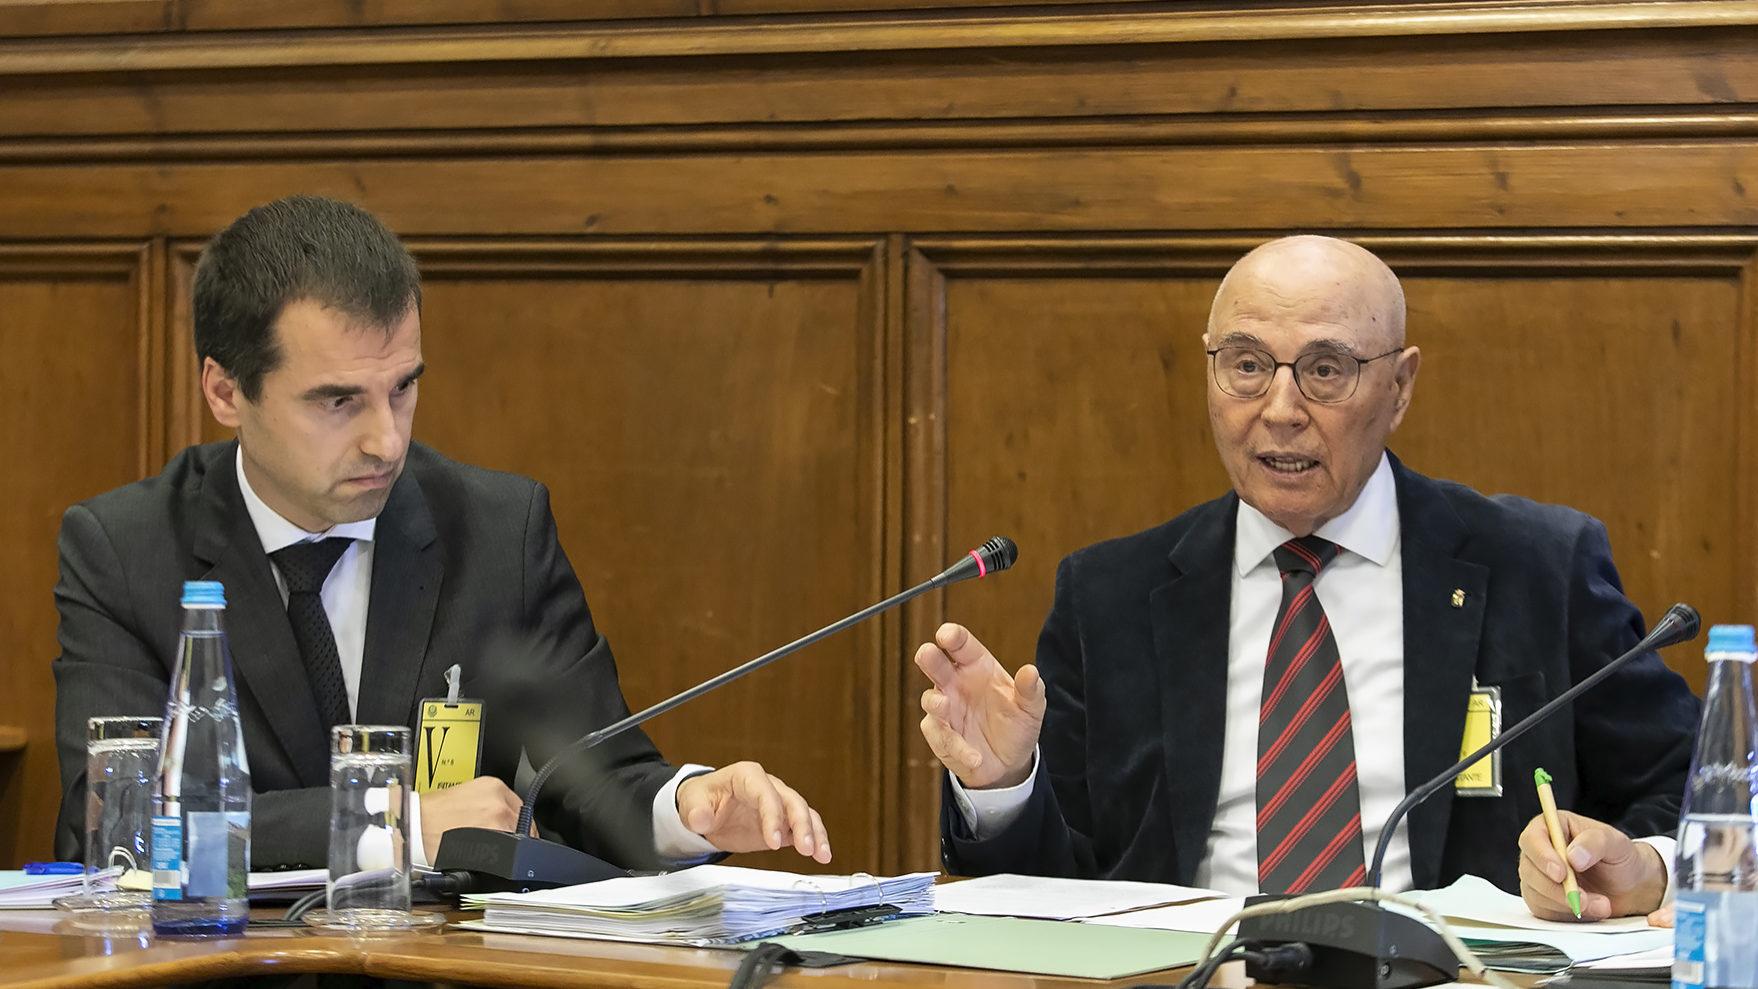 Manuel de Oliveira Rego é ouvido perante a II COMISSÃO PARLAMENTAR DE INQUÉRITO À RECAPITALIZAÇÃO DA CAIXA GERAL DE DEPÓSITOS E À GESTÃO DO BANCO - 02ABR19